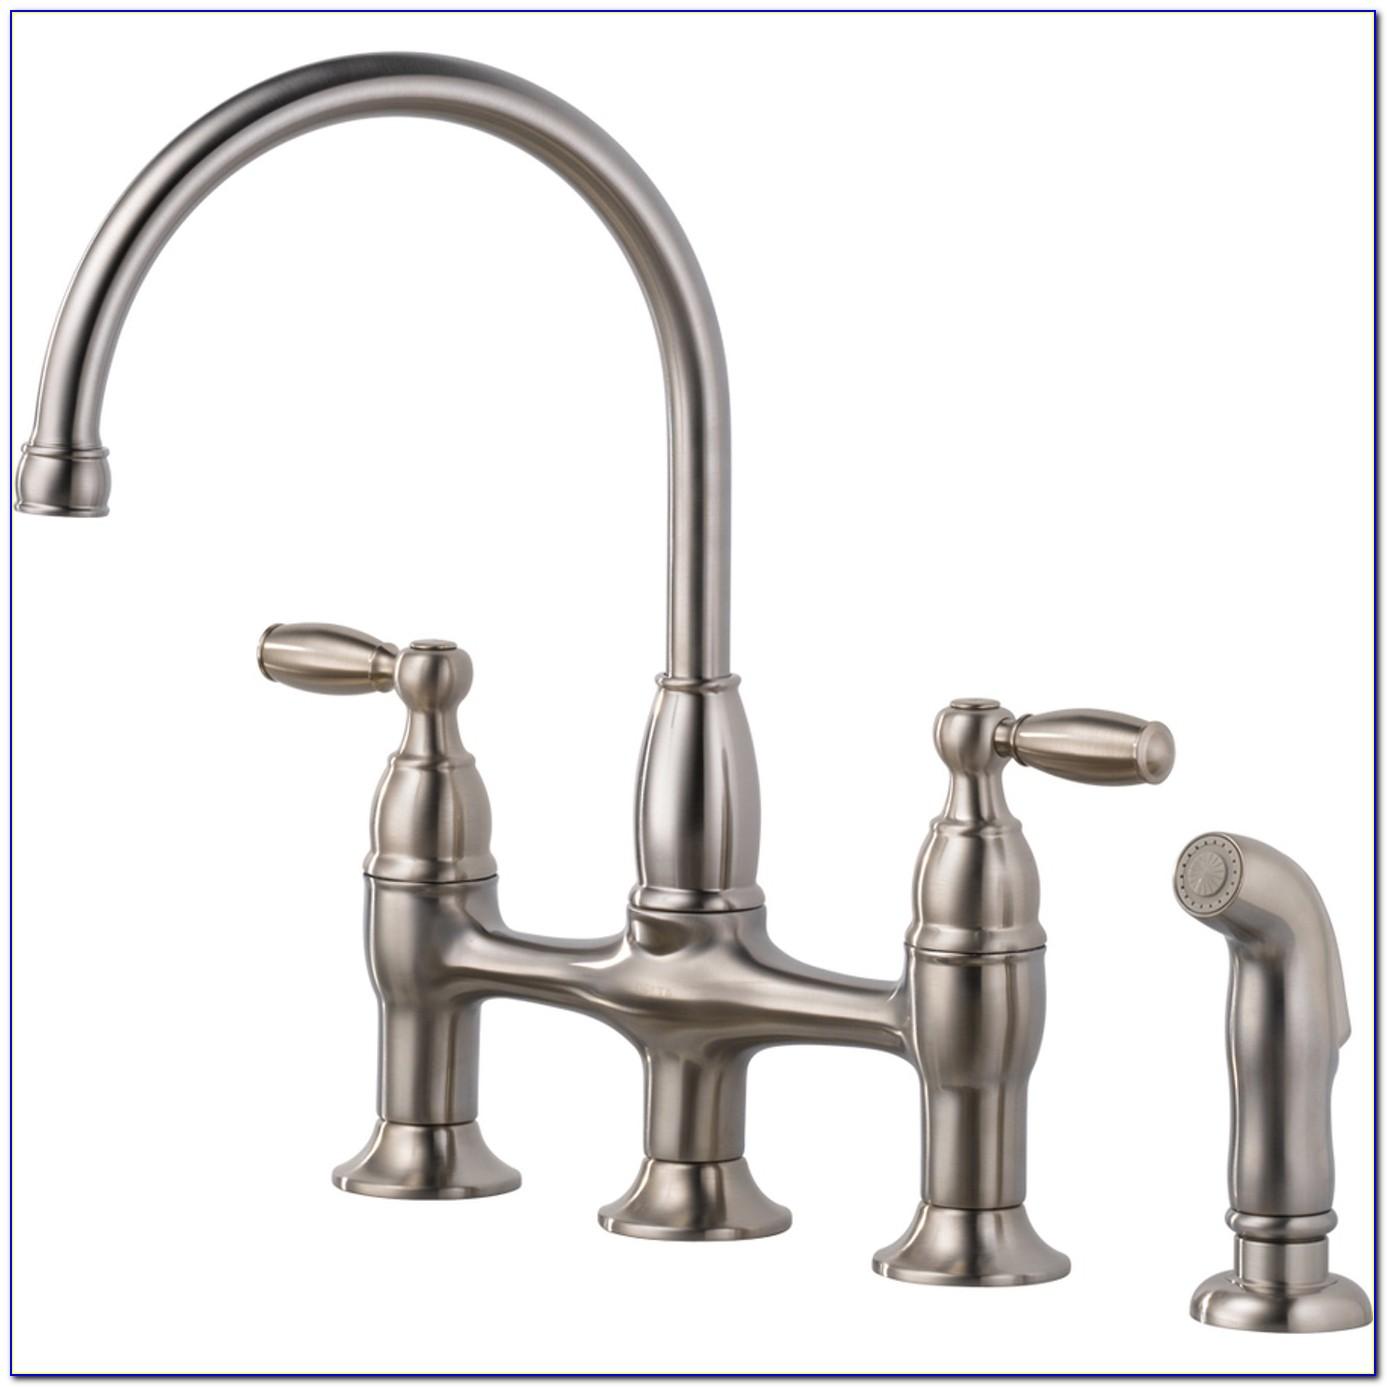 Kitchen Sink Faucet Spraying Water